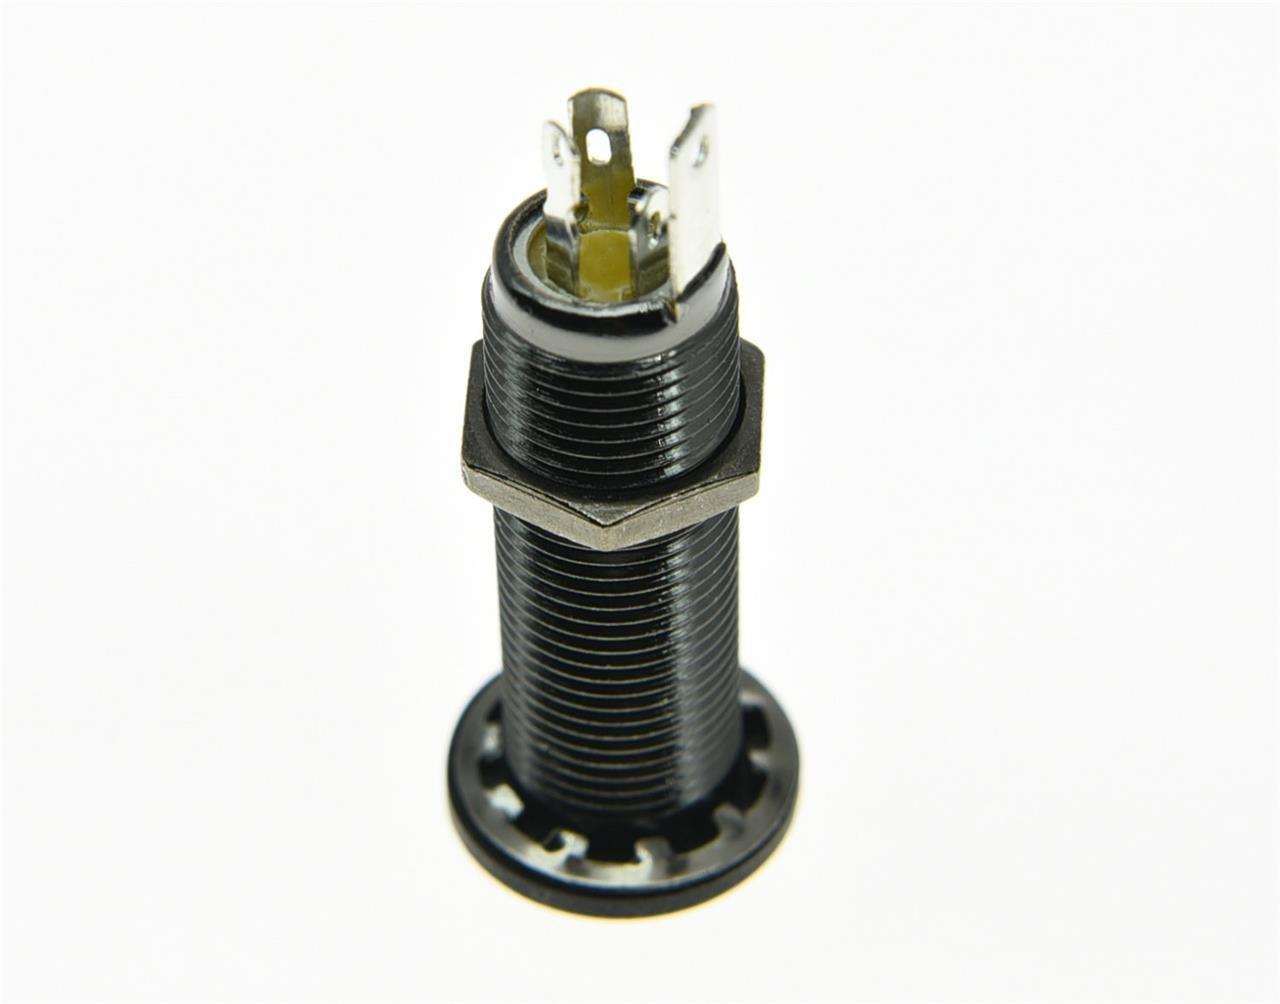 Kaish stereo rame basso Barrel cilindro jack di ingresso//uscita connettori 4/perni cromo Old Skool Pro